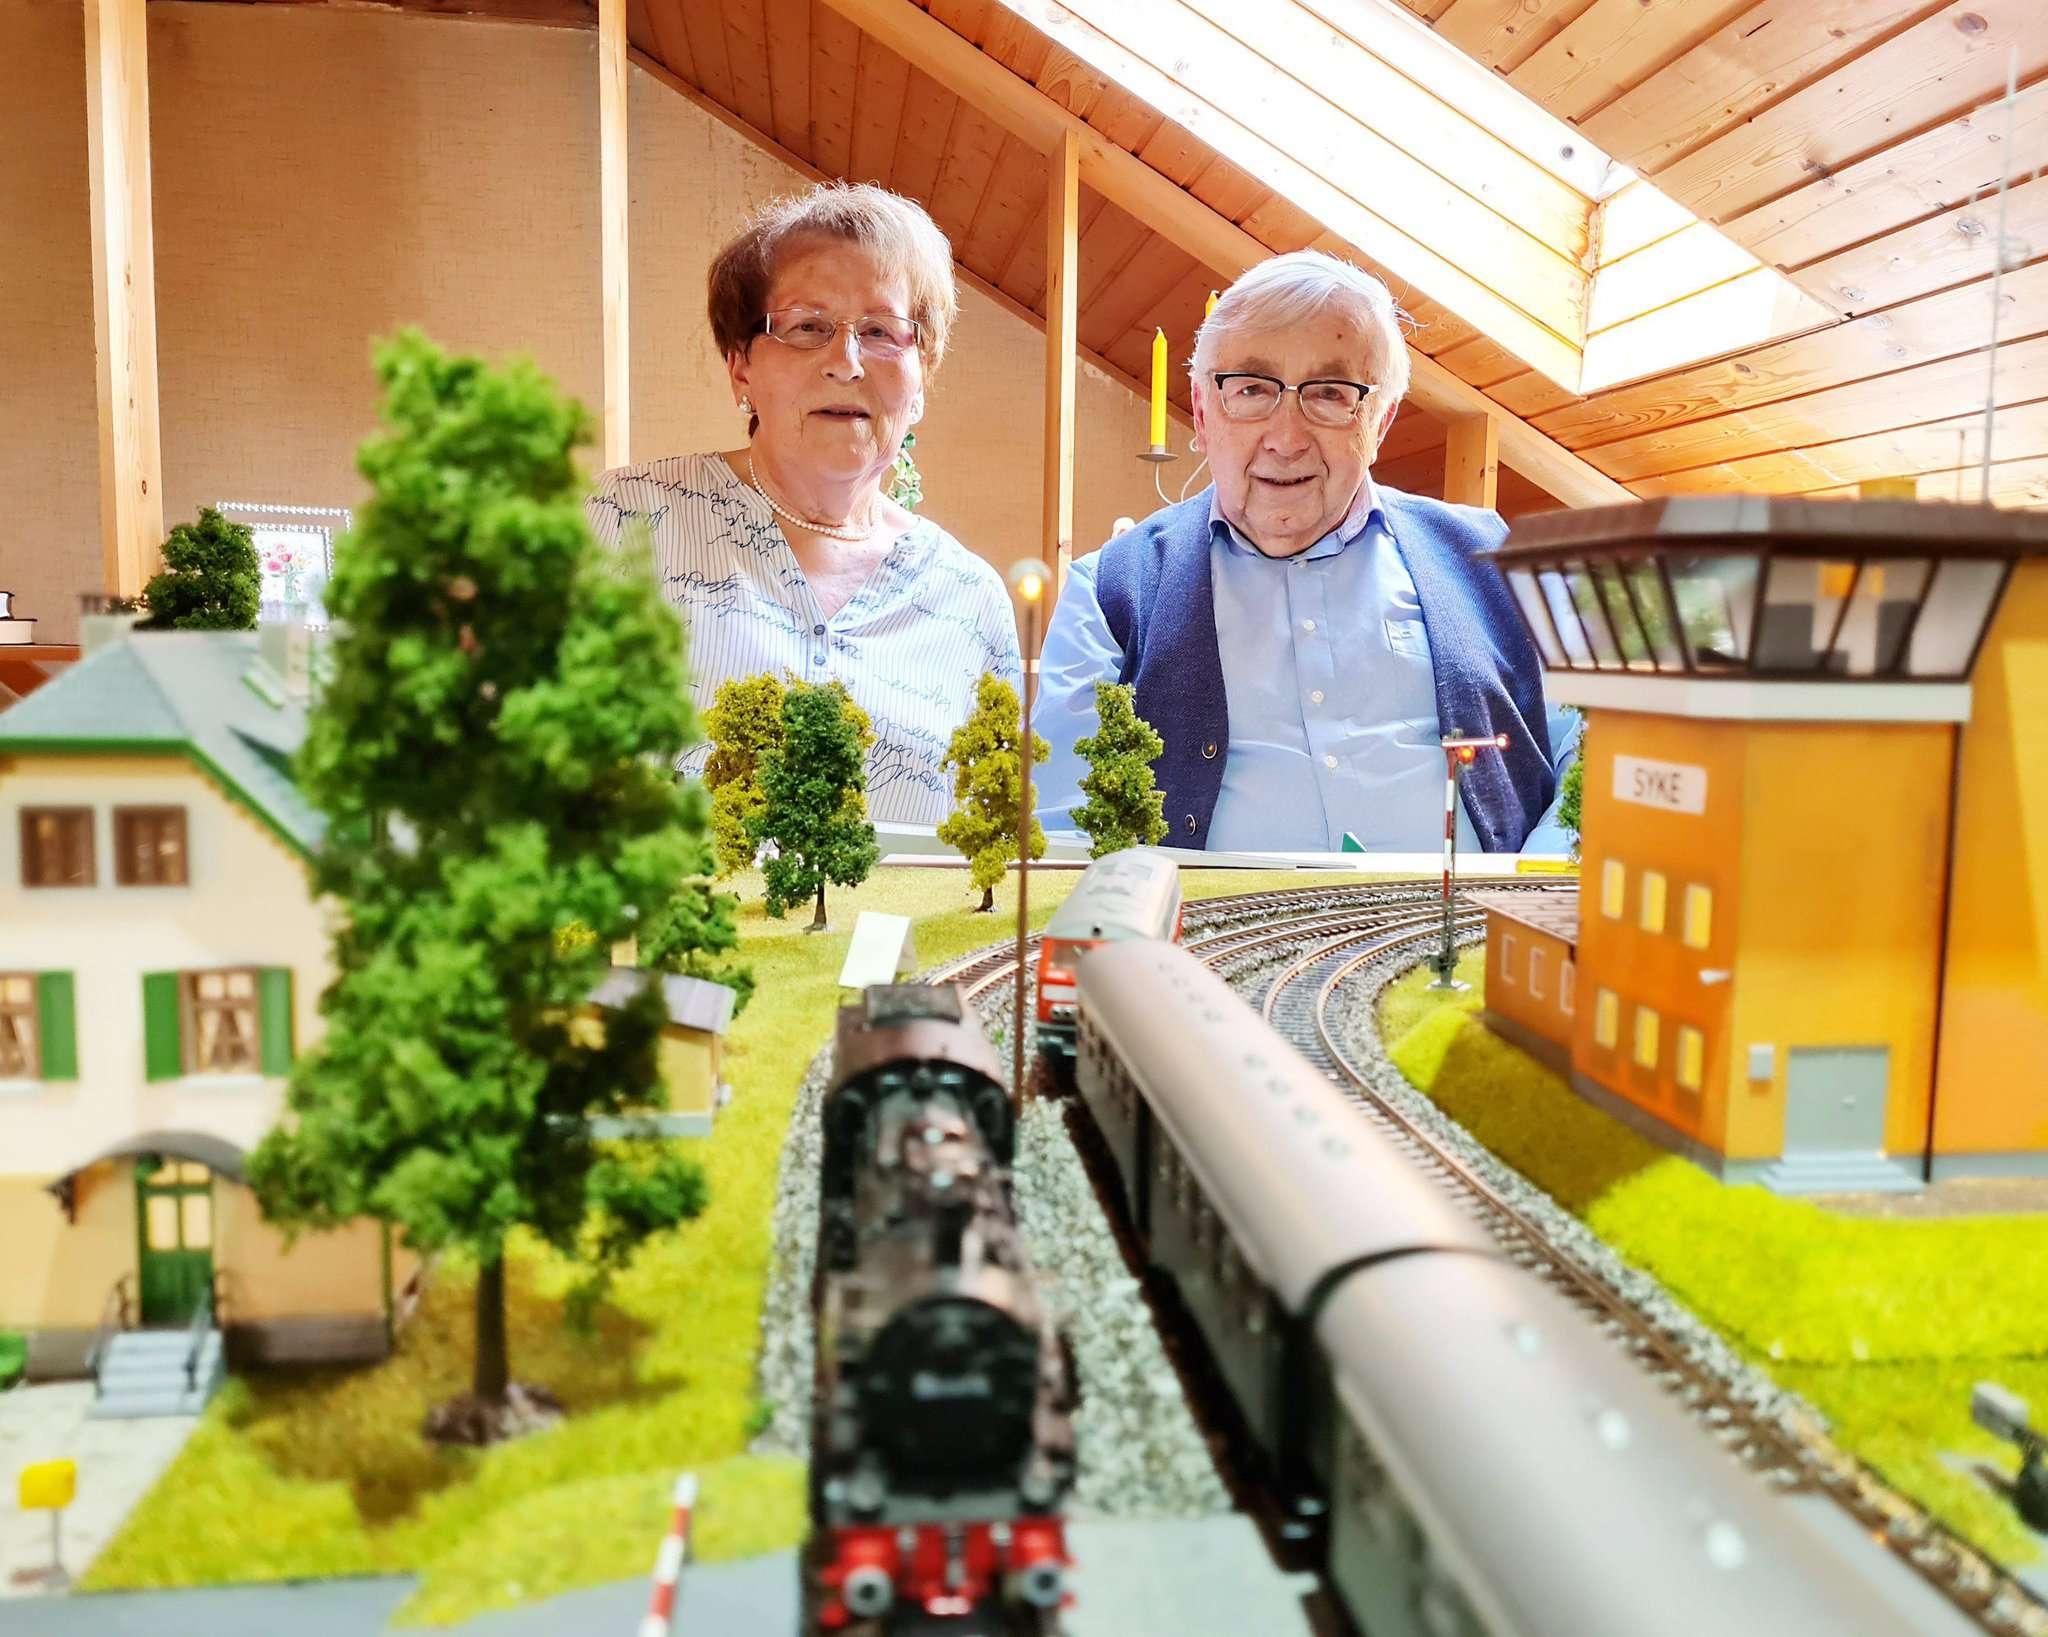 Haben ihre Leidenschaft für Modellbau entdeckt: Annemarie und Hermann Kuhlmann entspannen, wenn sie ihre Züge über die Gleise rattern lassen.